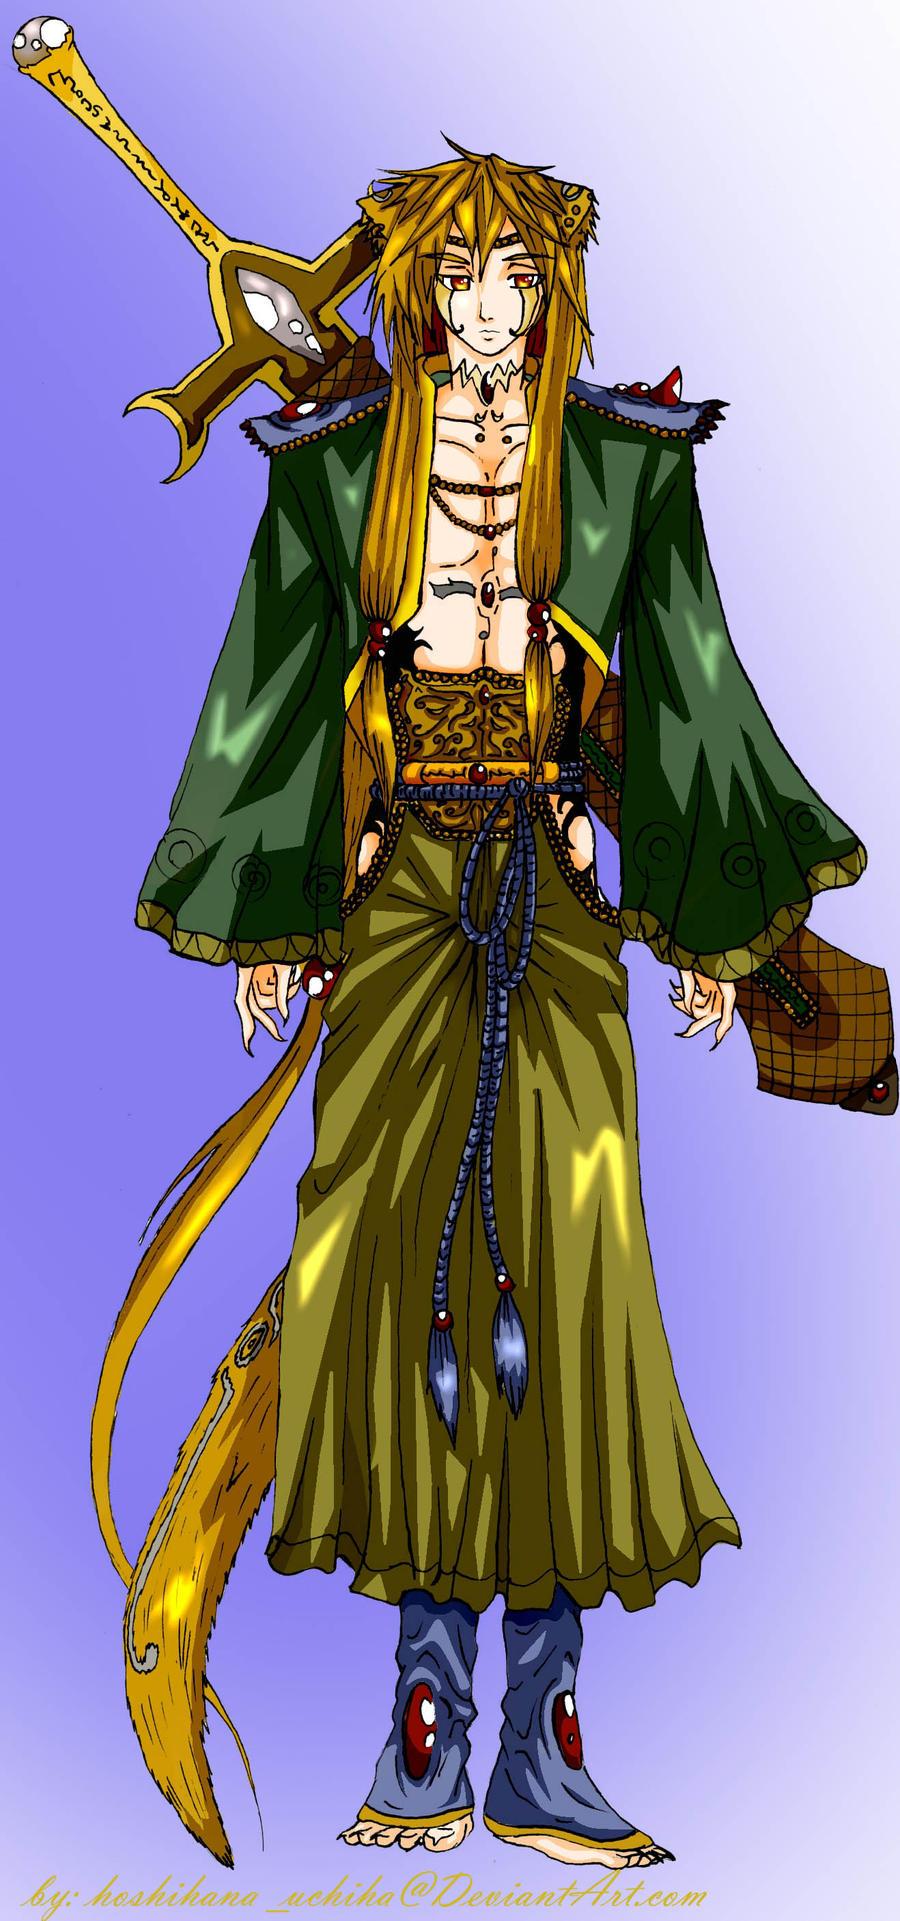 kin raijin by Hoshihana-uchiha